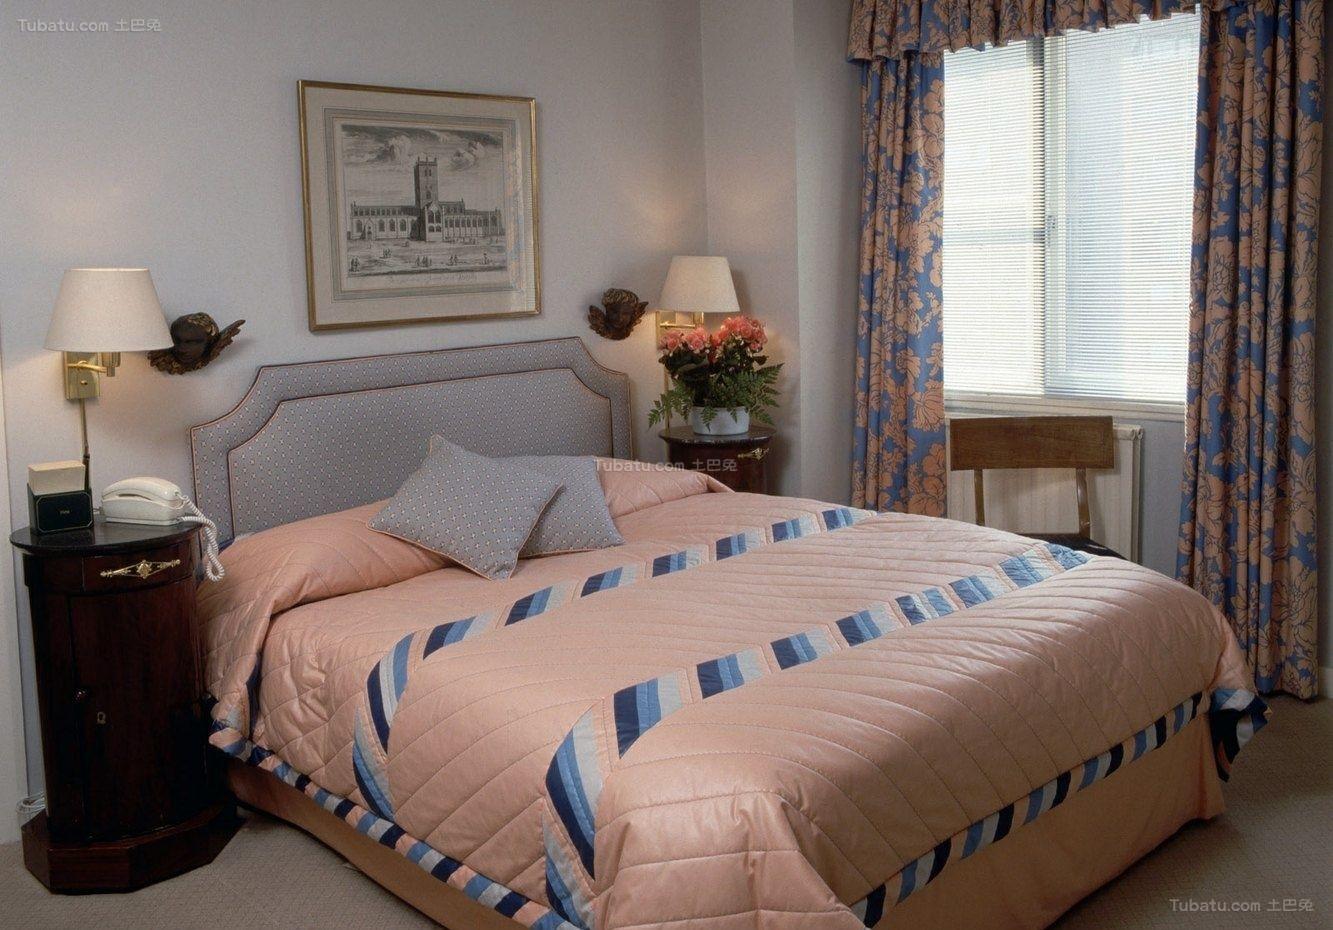 别人睡你的床的风水破解 主卧的床能让父母睡吗